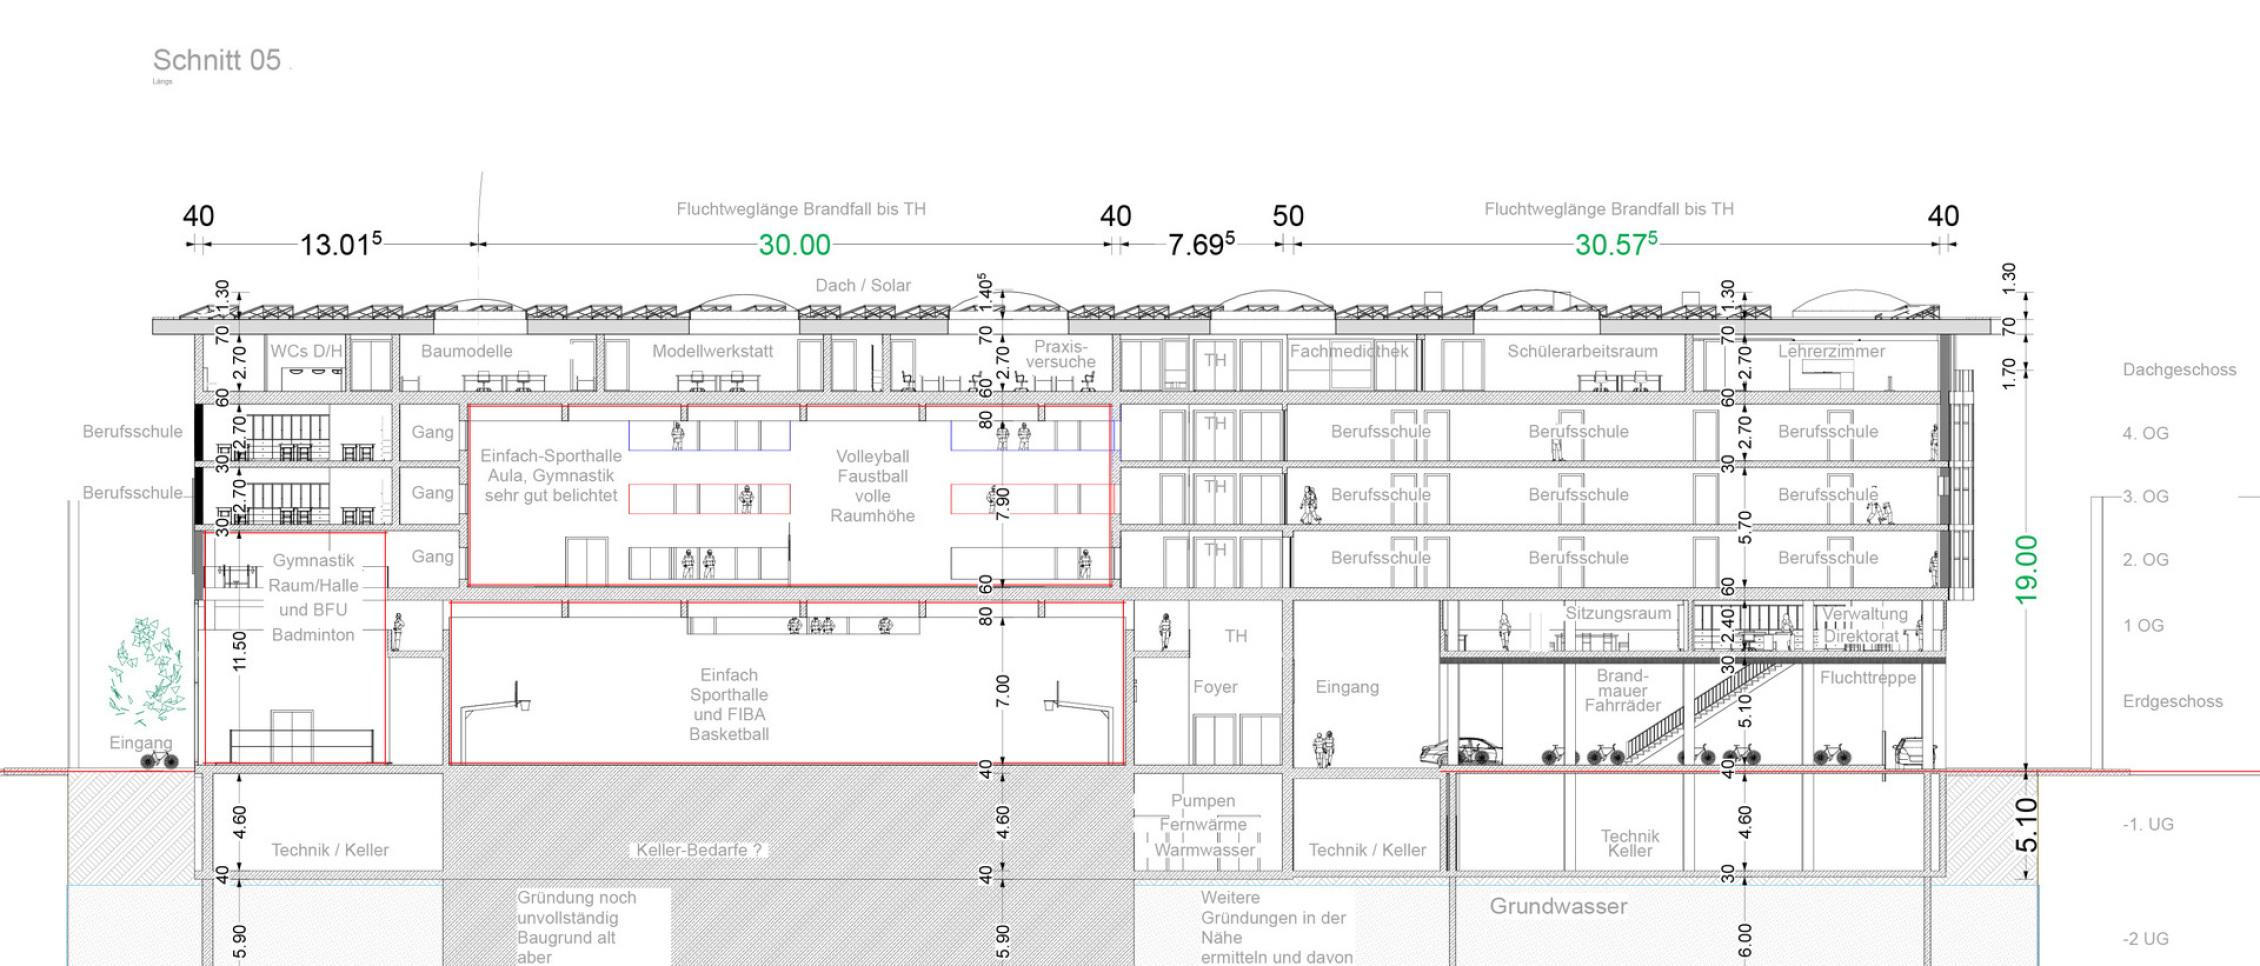 Schnitt 02 Baugewerbliche Berufsschule Zürich - Wettbewerbs-Beitrag - Architekt Volker Goebel Dipl.-Ing.